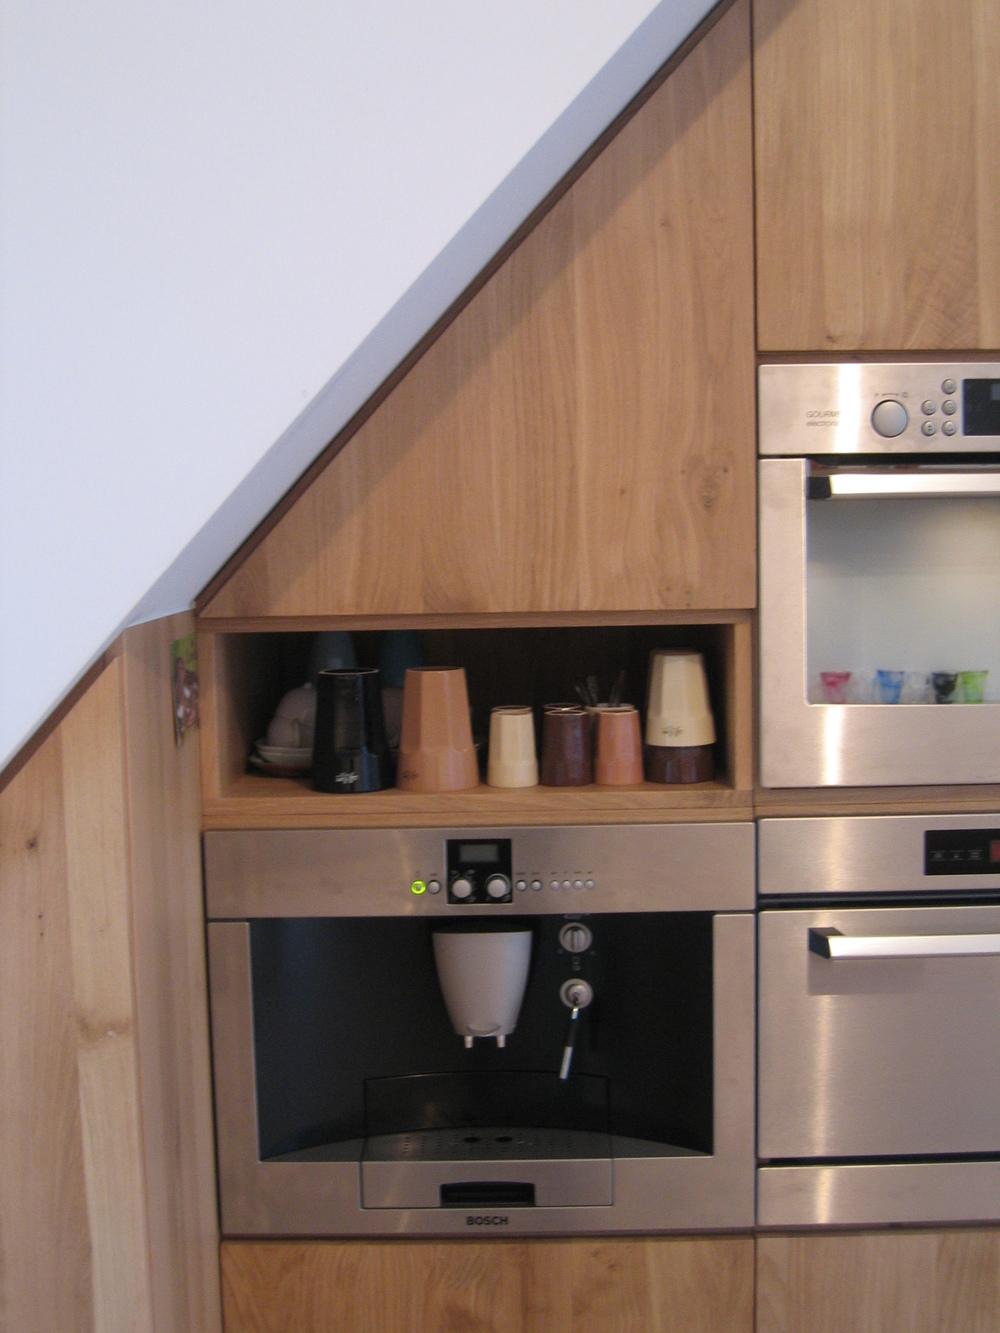 details van wandkast met inbouw-espressoapparaat van Bosch